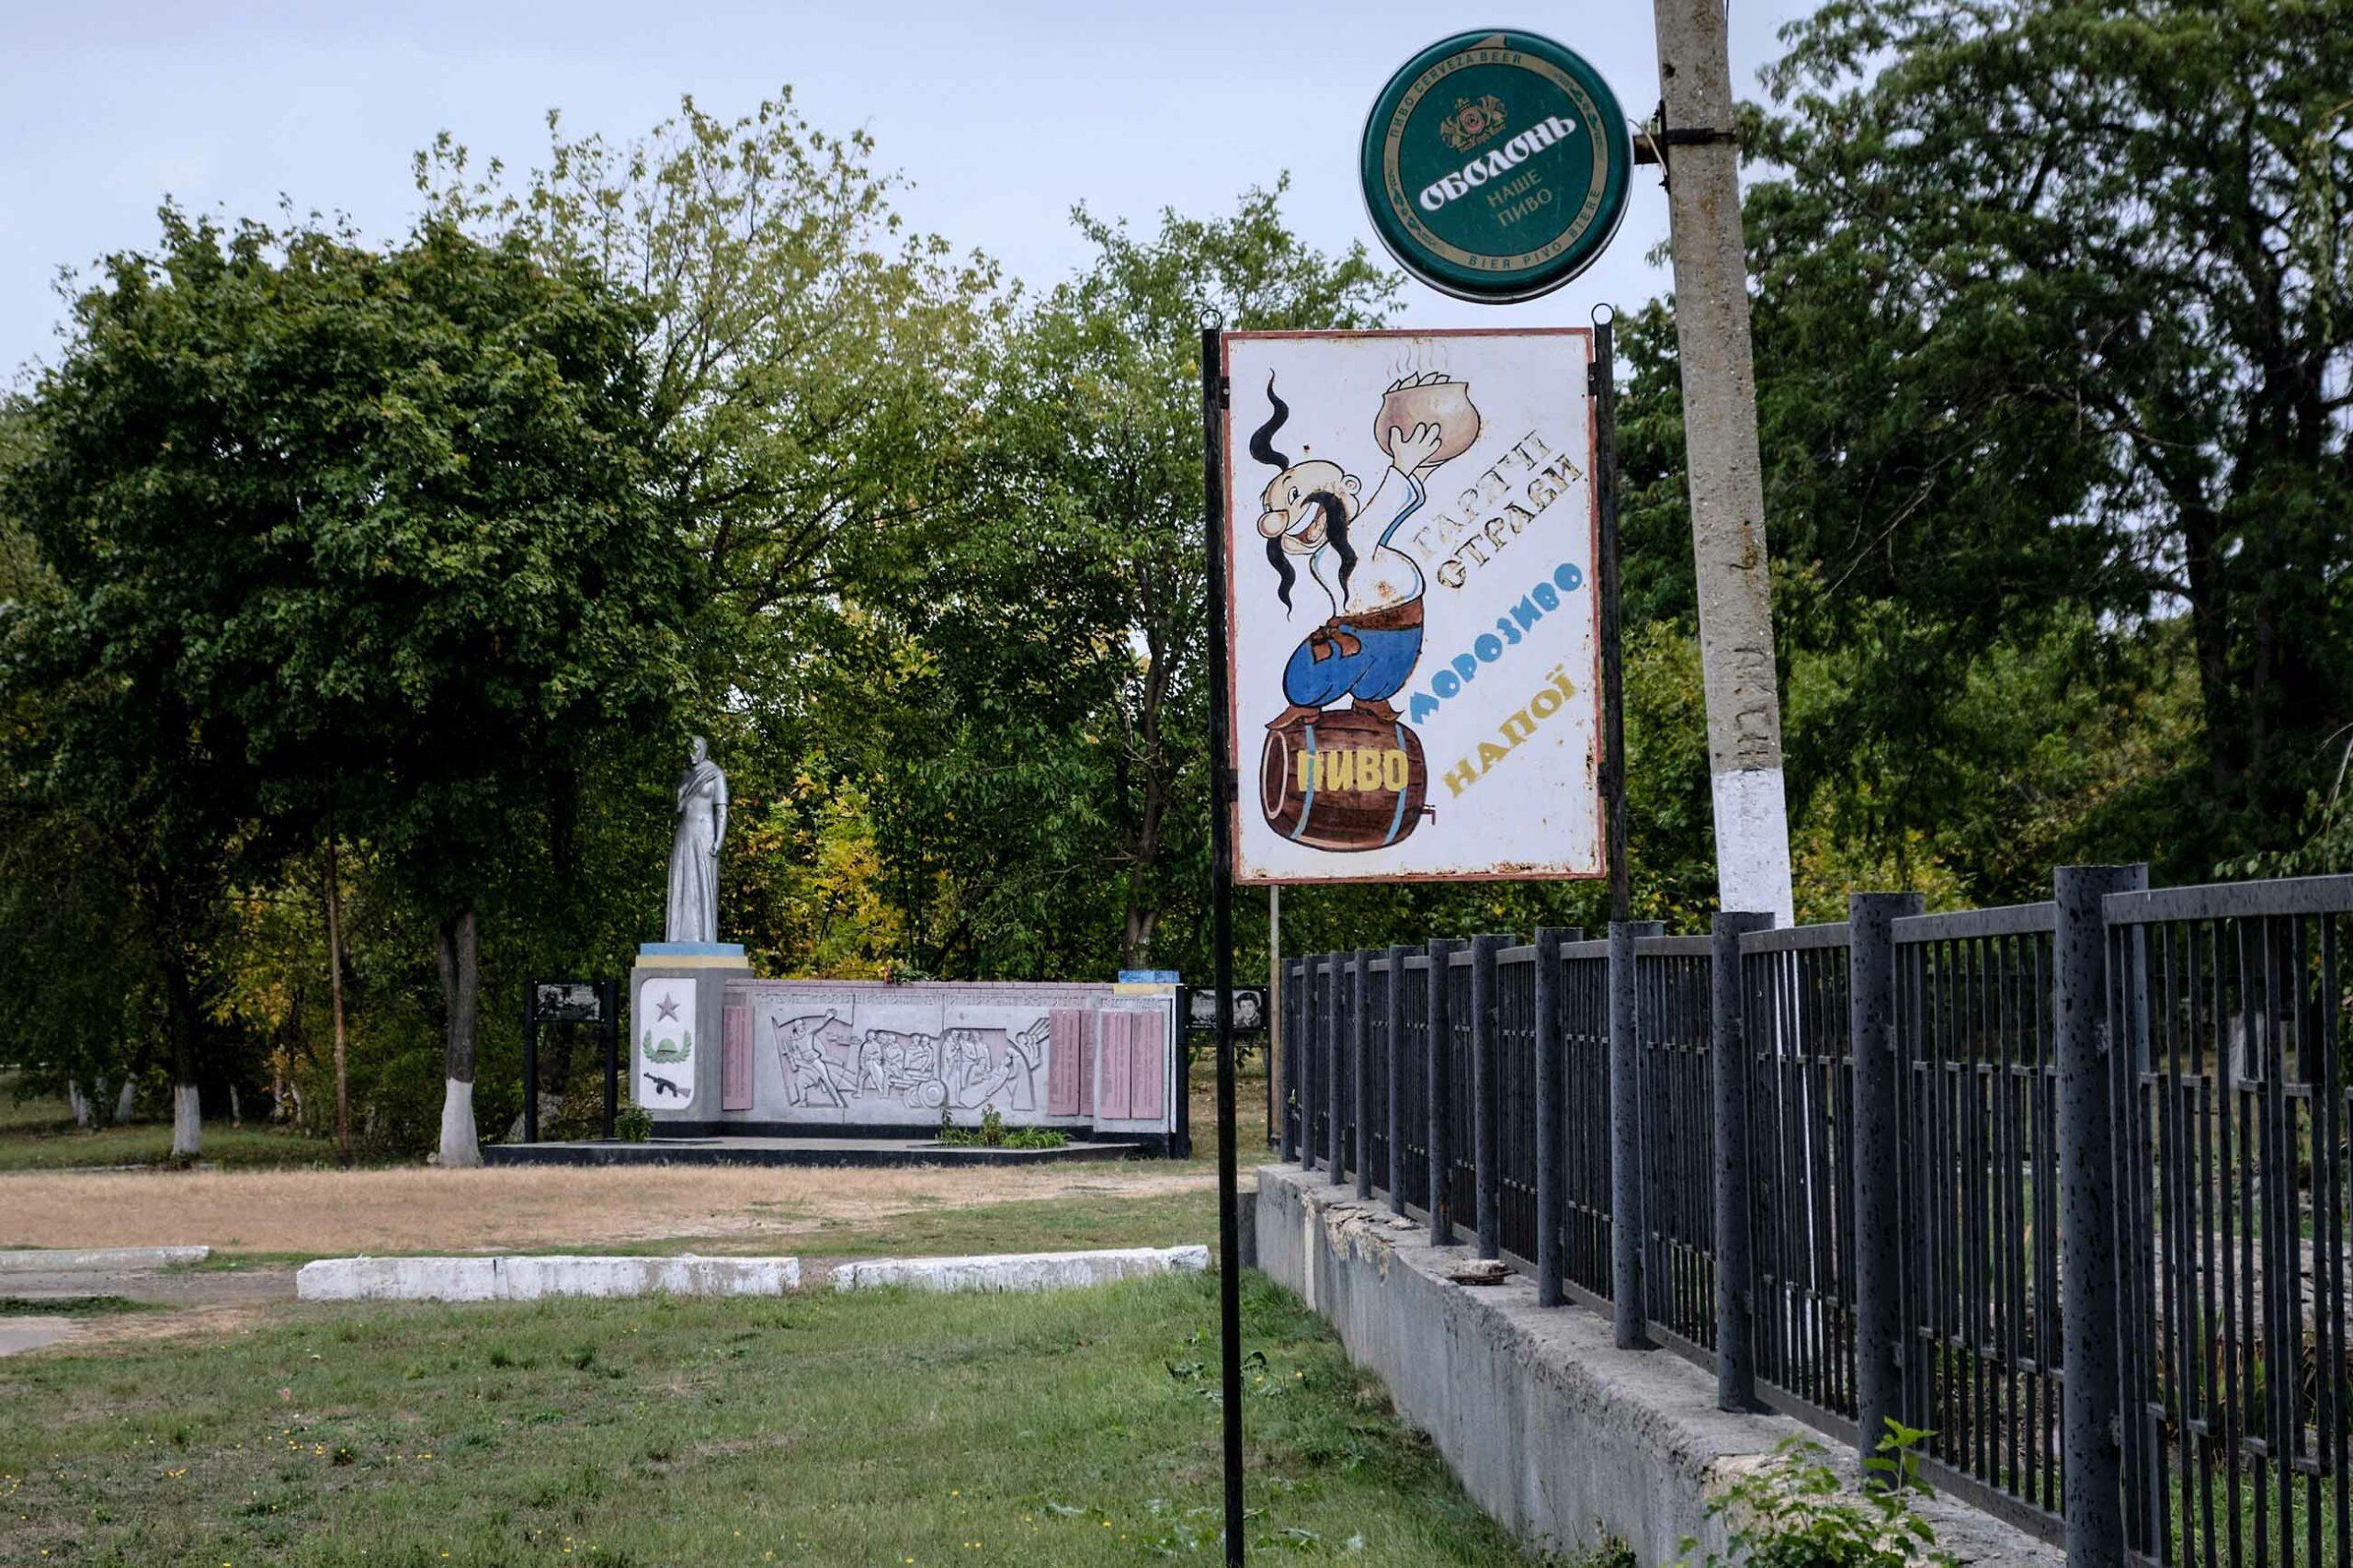 dscf2284 scaled - <b>У Богданівці окупанти за тиждень вбили 54 тисячі євреїв.</b> Ми поїхали туди 80 років потому - Заборона